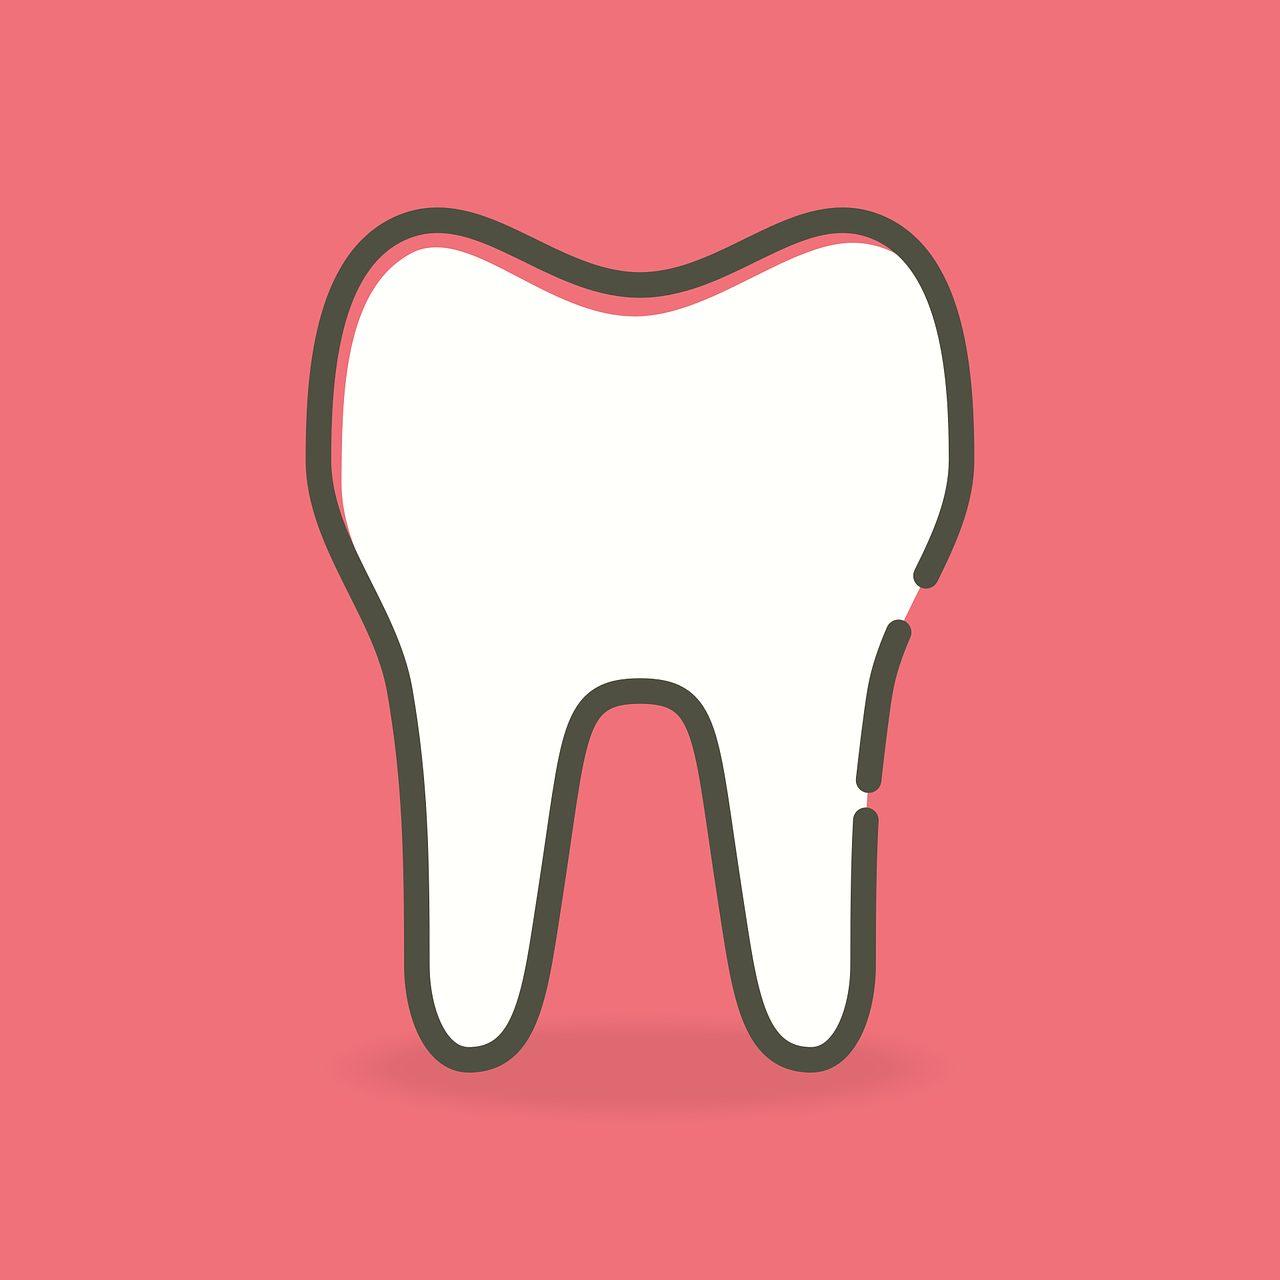 Boom Tandarts P A B bang voor tandarts